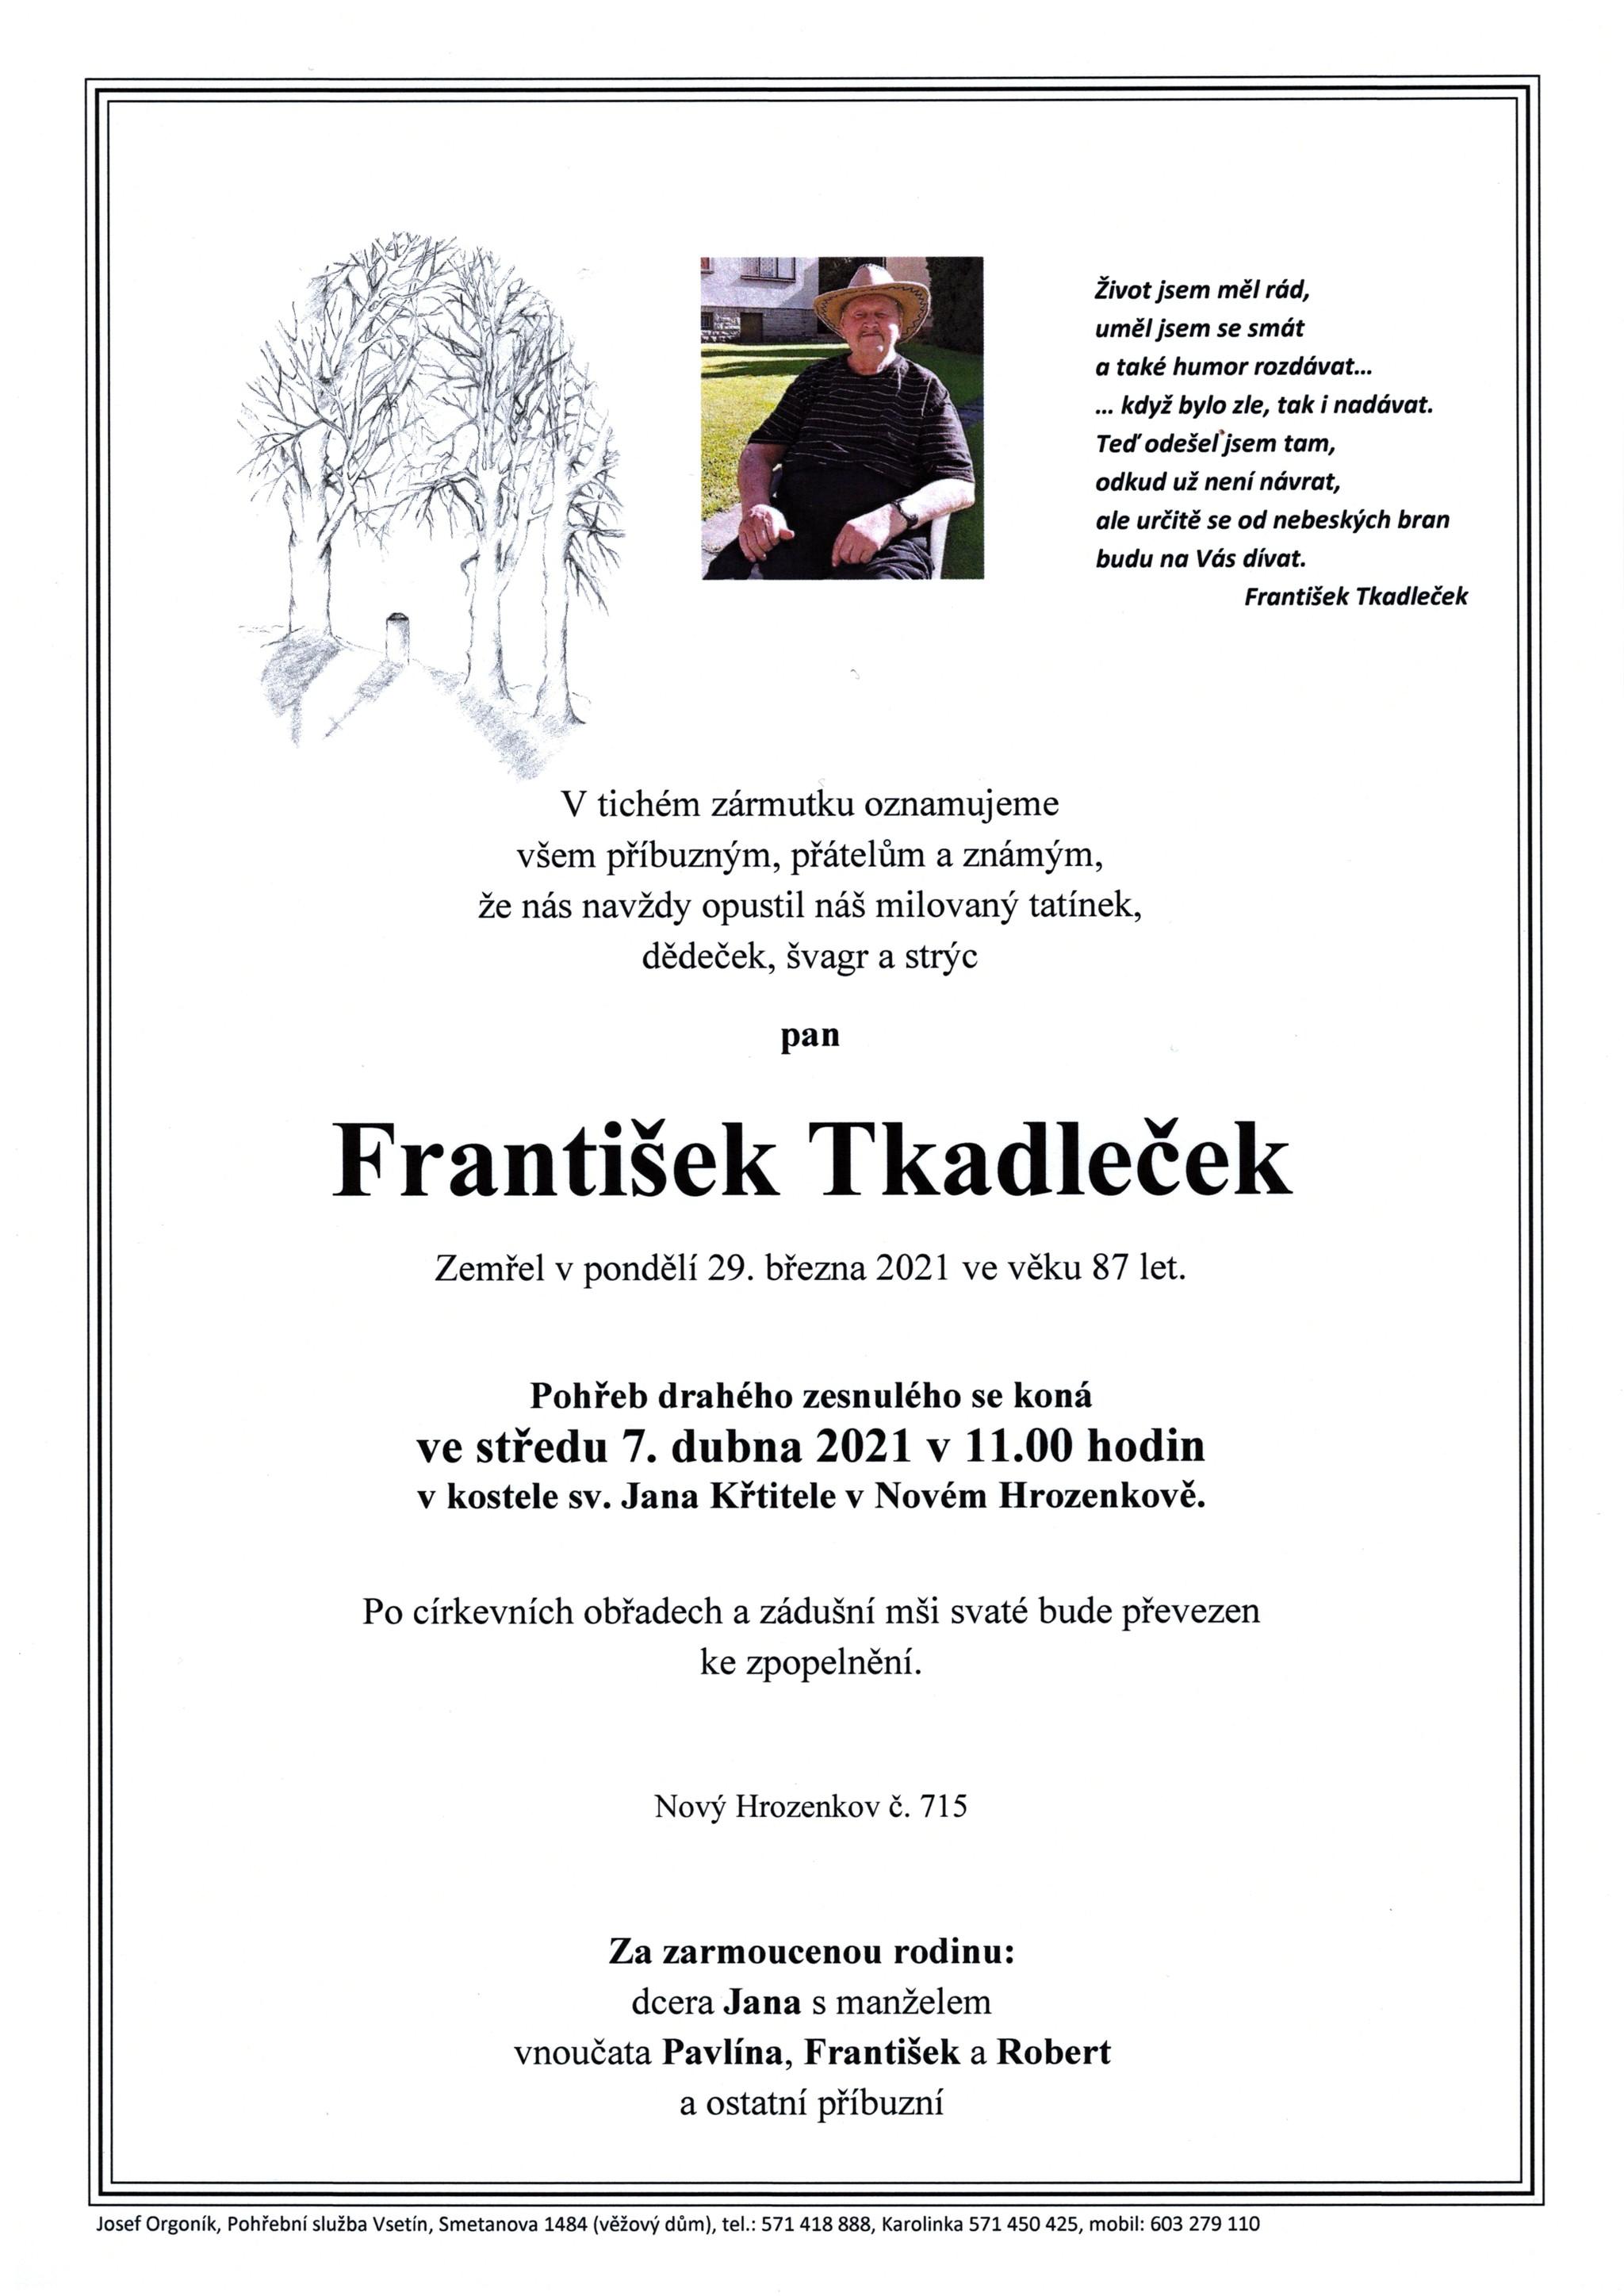 František Tkadleček